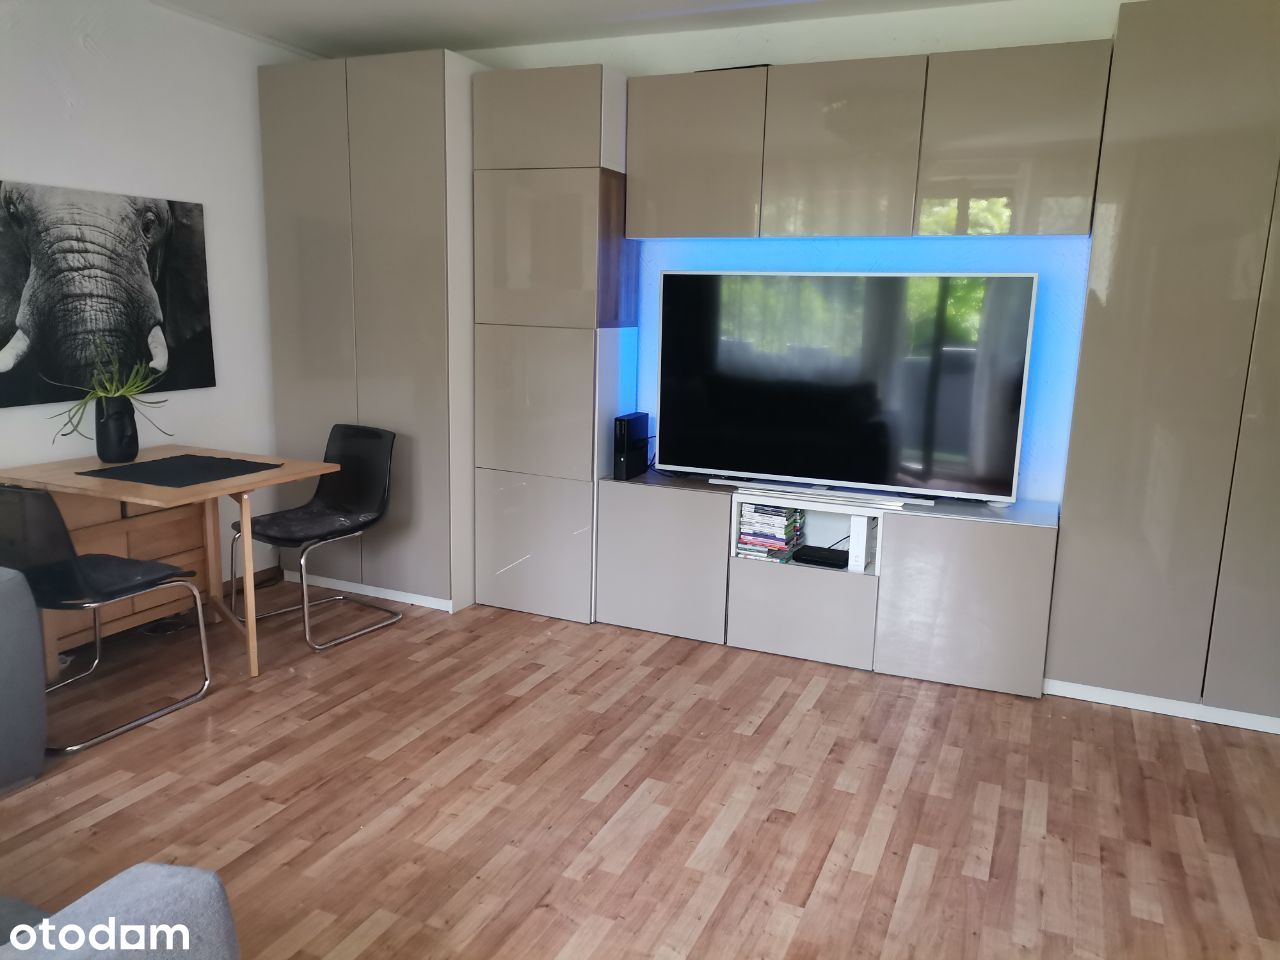 Okazja mieszkanie 38 m Chojny dwa pokoje